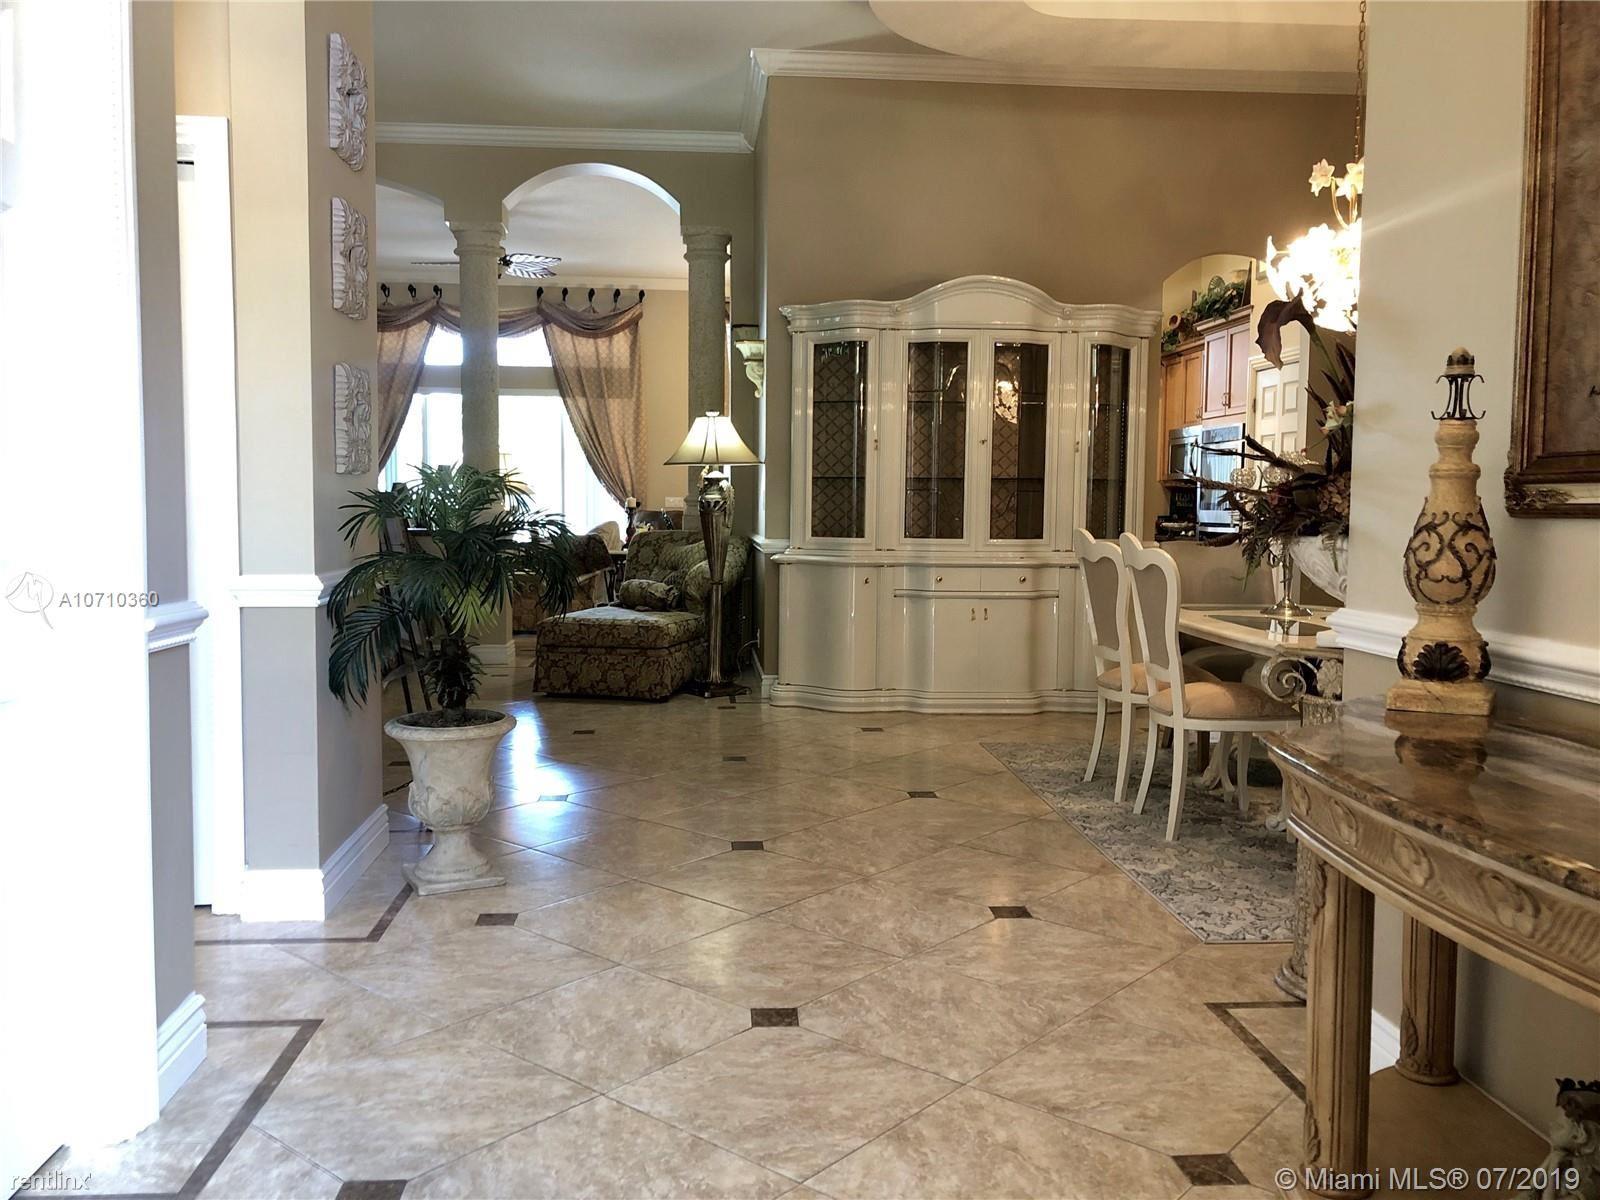 5932 NW 54th Cir, Coral Springs, FL - $3,600